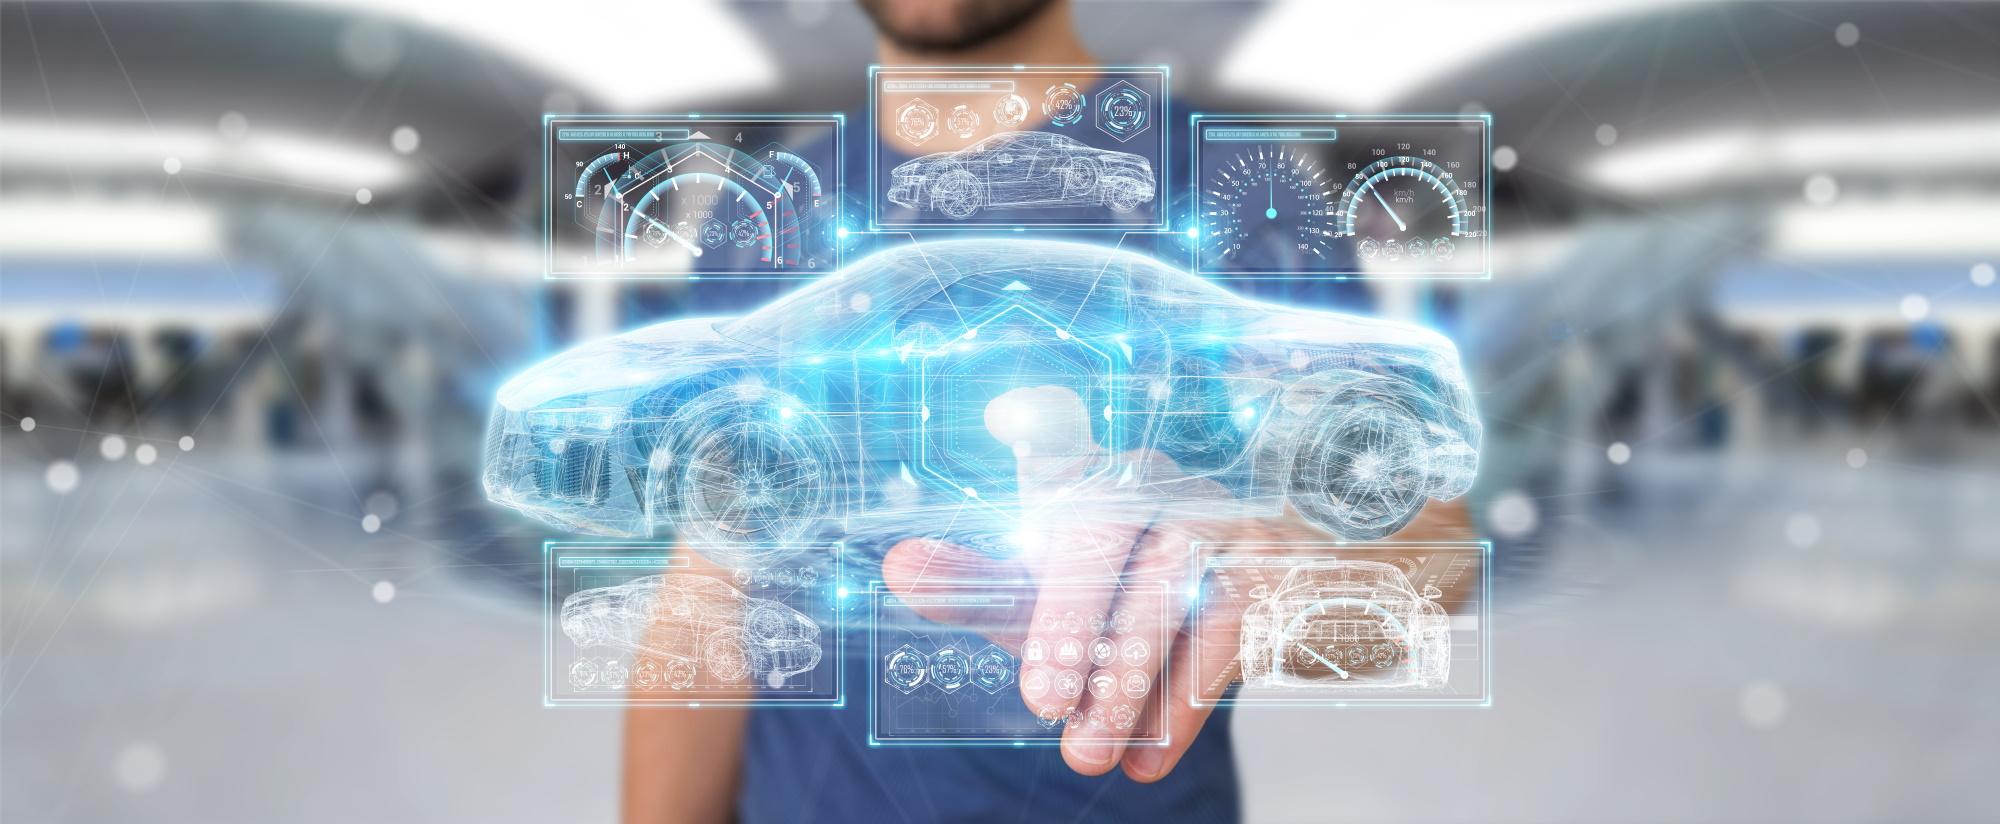 ITAINNOVA participa en proyectos que apuestan por la automoción del futuro